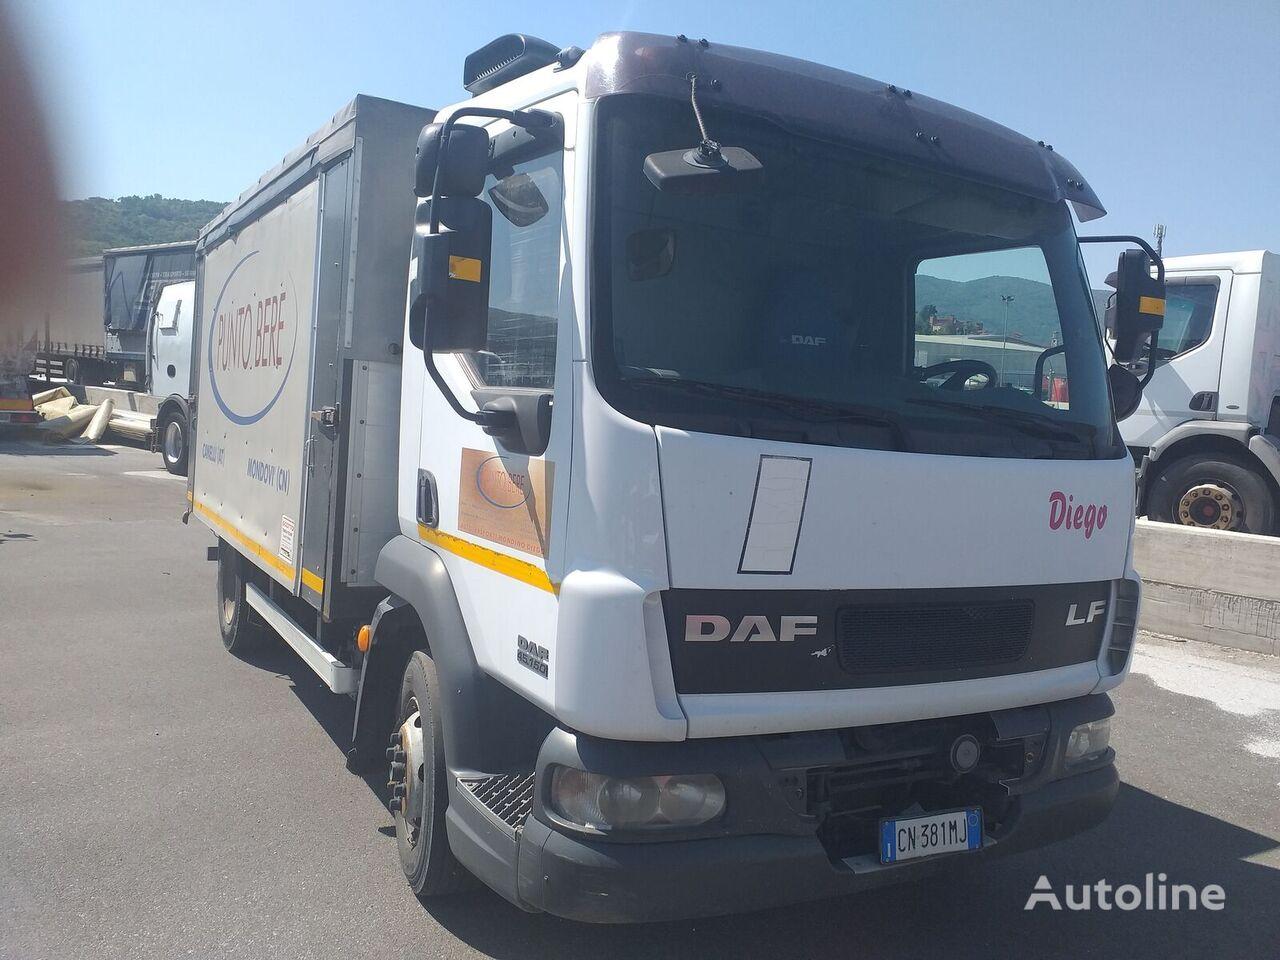 DAF 45.150 E.3 kamion s ceradom